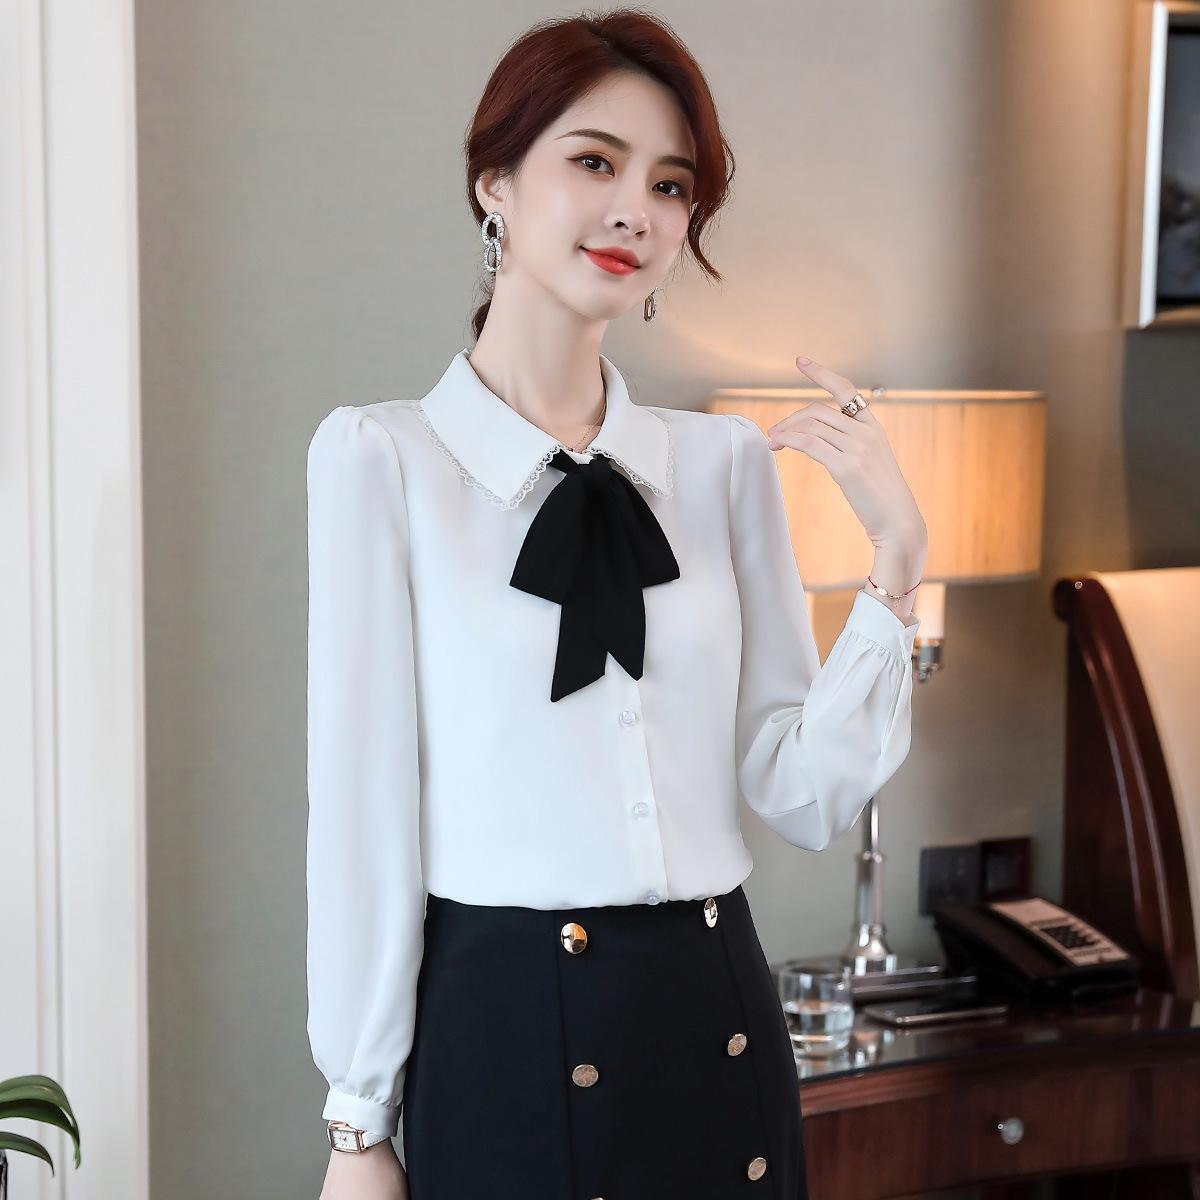 ASyDp unyIH Herbst neuer langärmlige Unterhose Spitze Hemd der Frauen Art und Weise dünne Spitze weißen Kragen professionelle Freizeit Basis Hemd